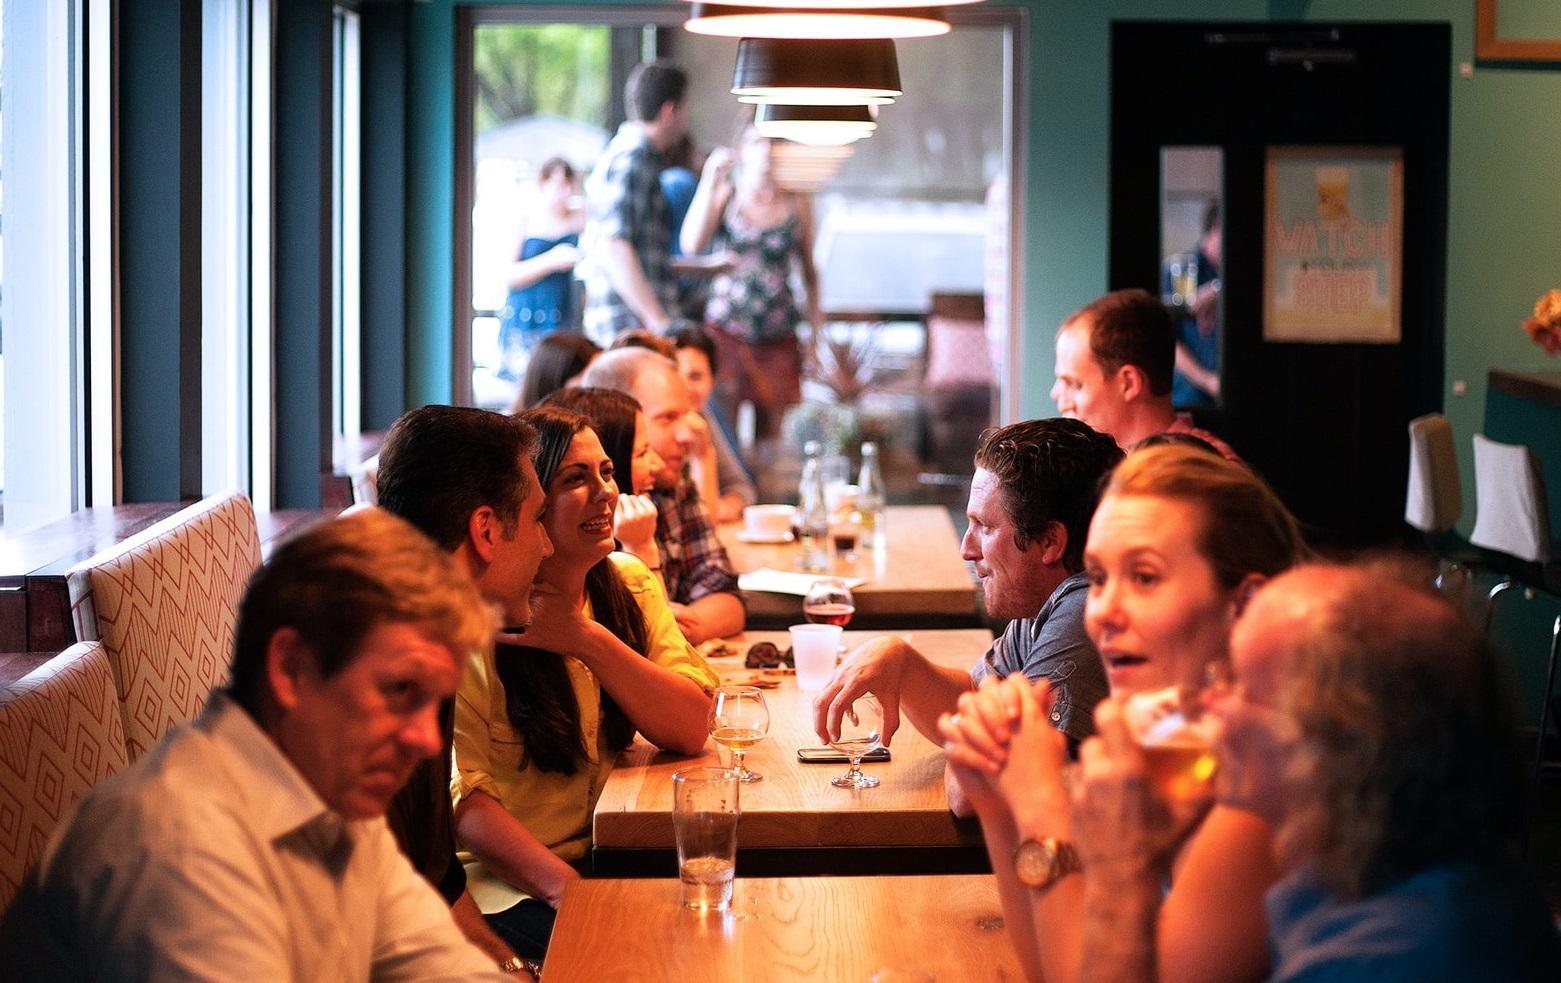 Cum păcălesc restricțiile restaurantele din Londra. Grupuri de 30 de persoane, fără a încălca legea